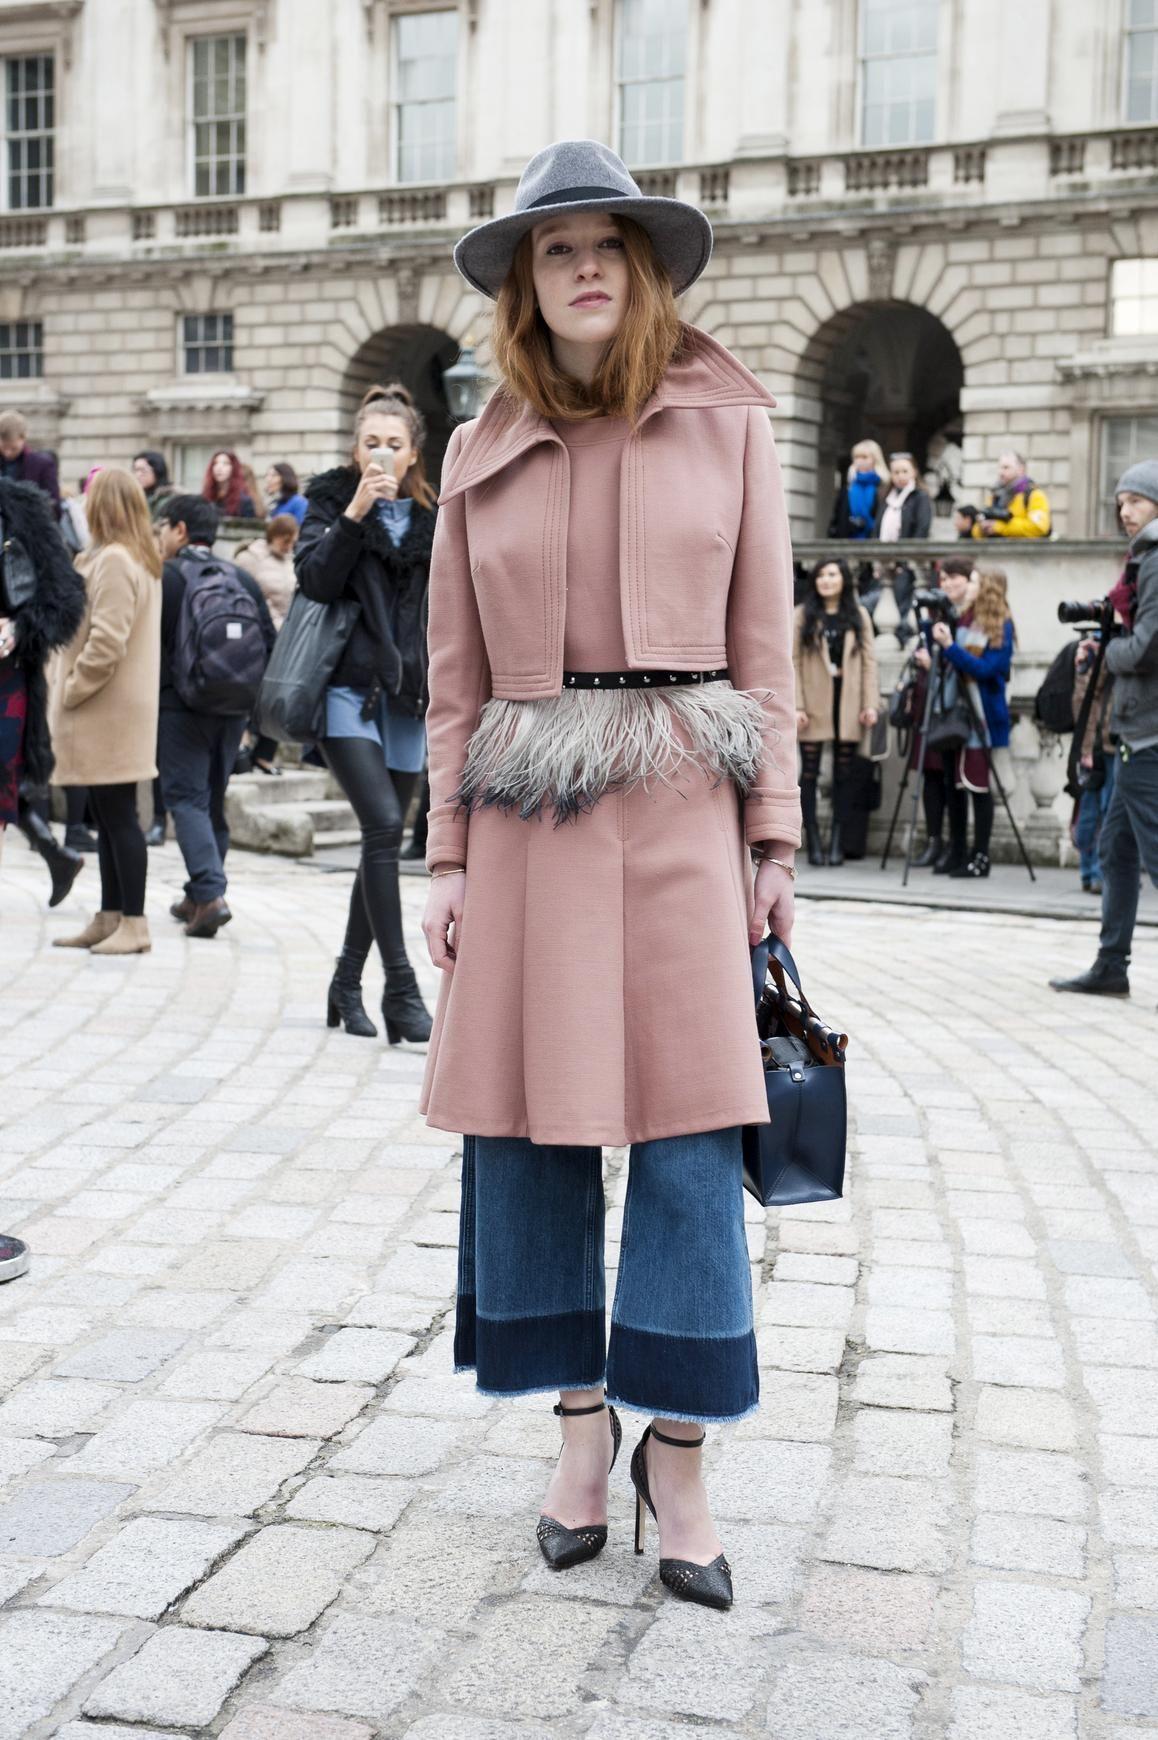 25 Reasons to Start Wearing Pink ThisWinter